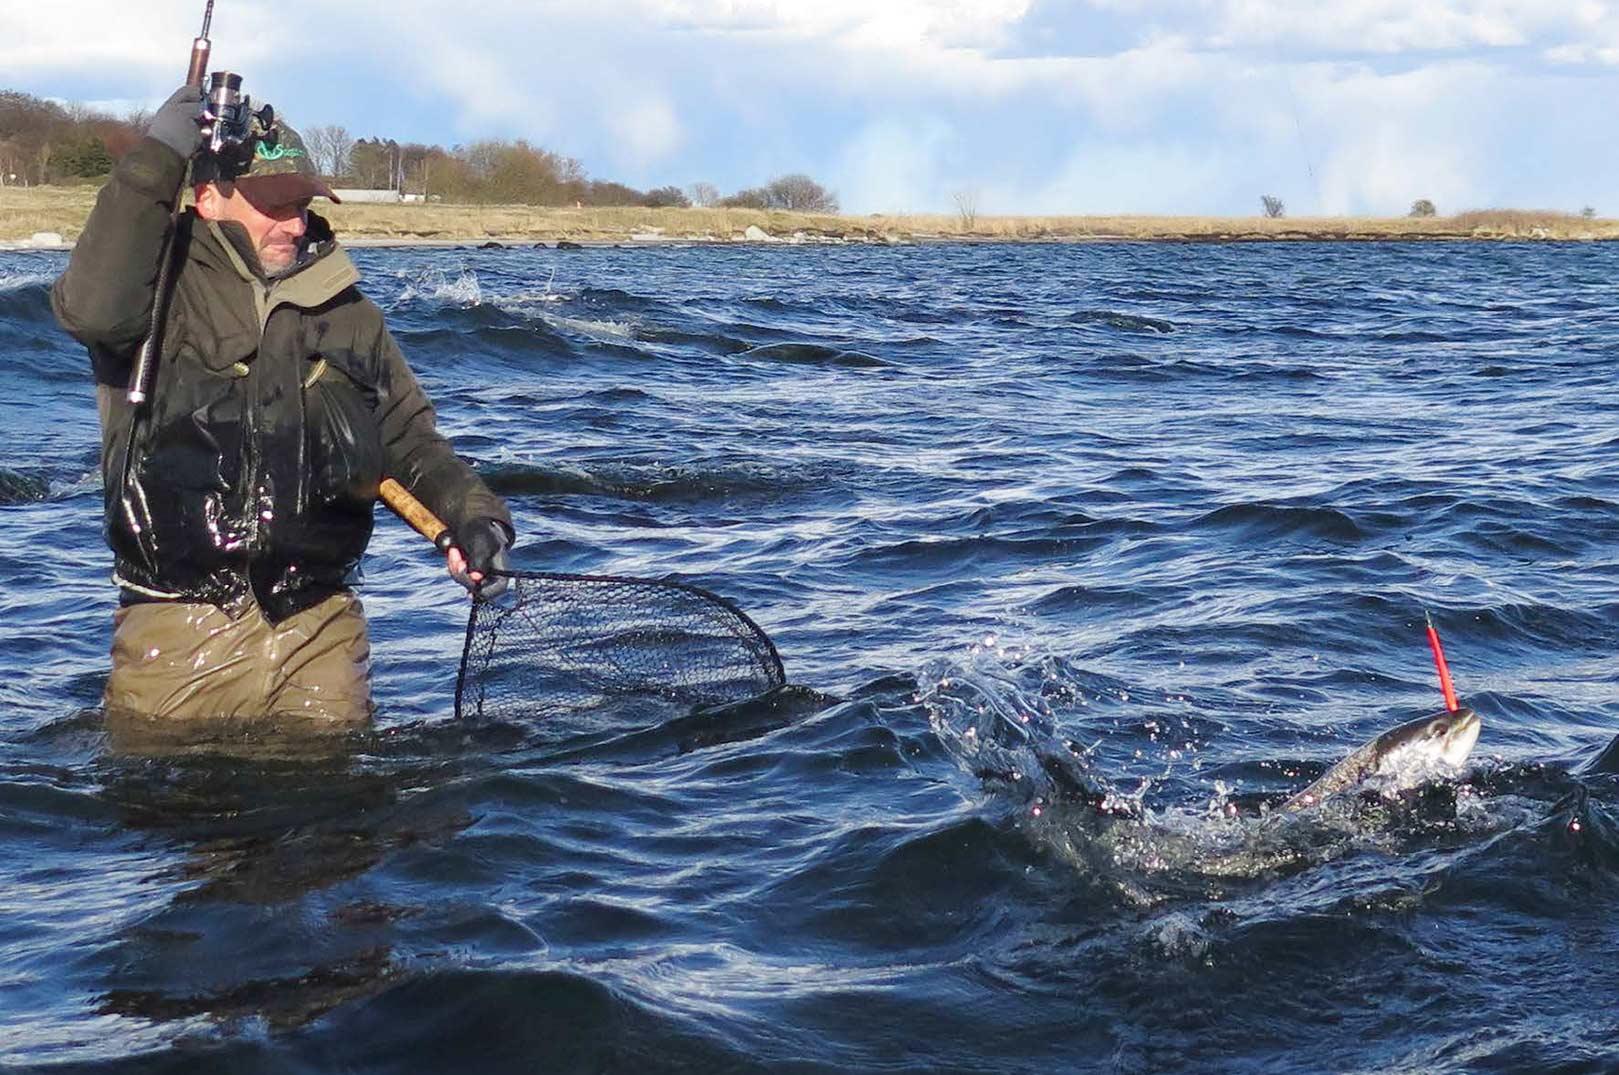 Uden fastspolehjulet ville kystfiskeriet i Danmark næppe have fået den store udbredelse, som det har idag. Grejhandlerne burde sende en venlig tanke til Illingworth.